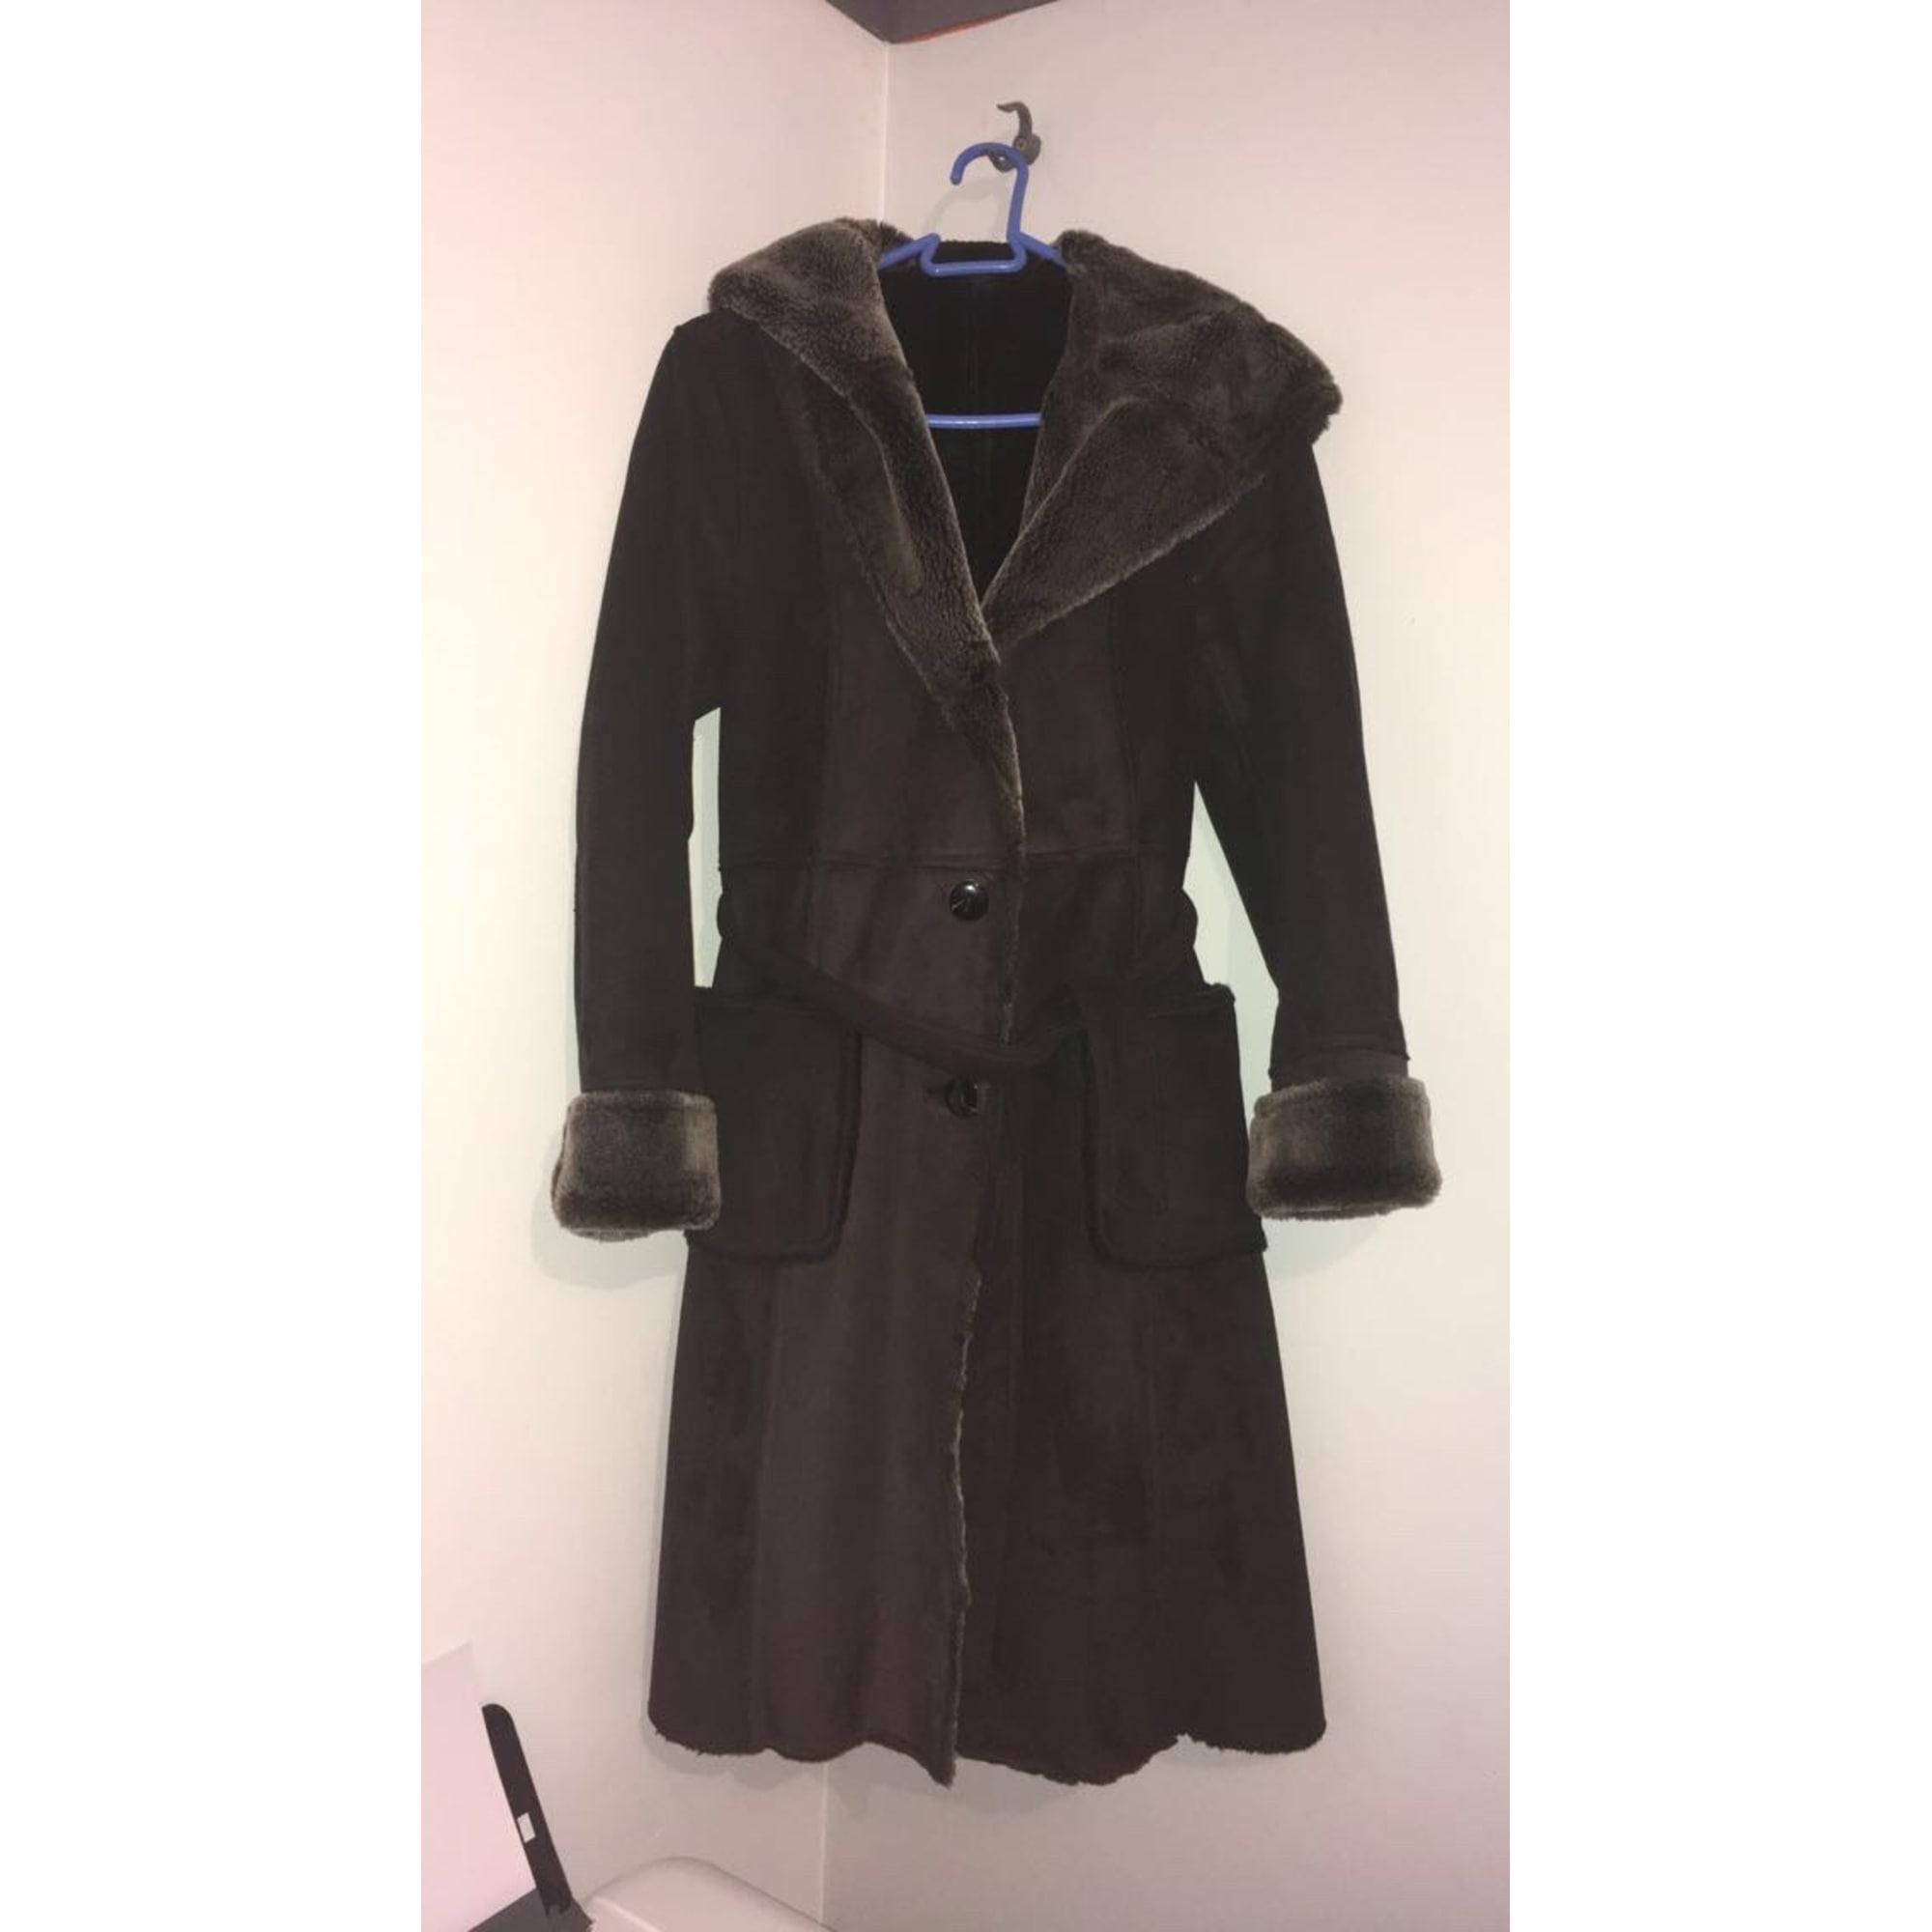 Manteau ANTONELLE 38 (M, T2) marron vendu par Chloe566513